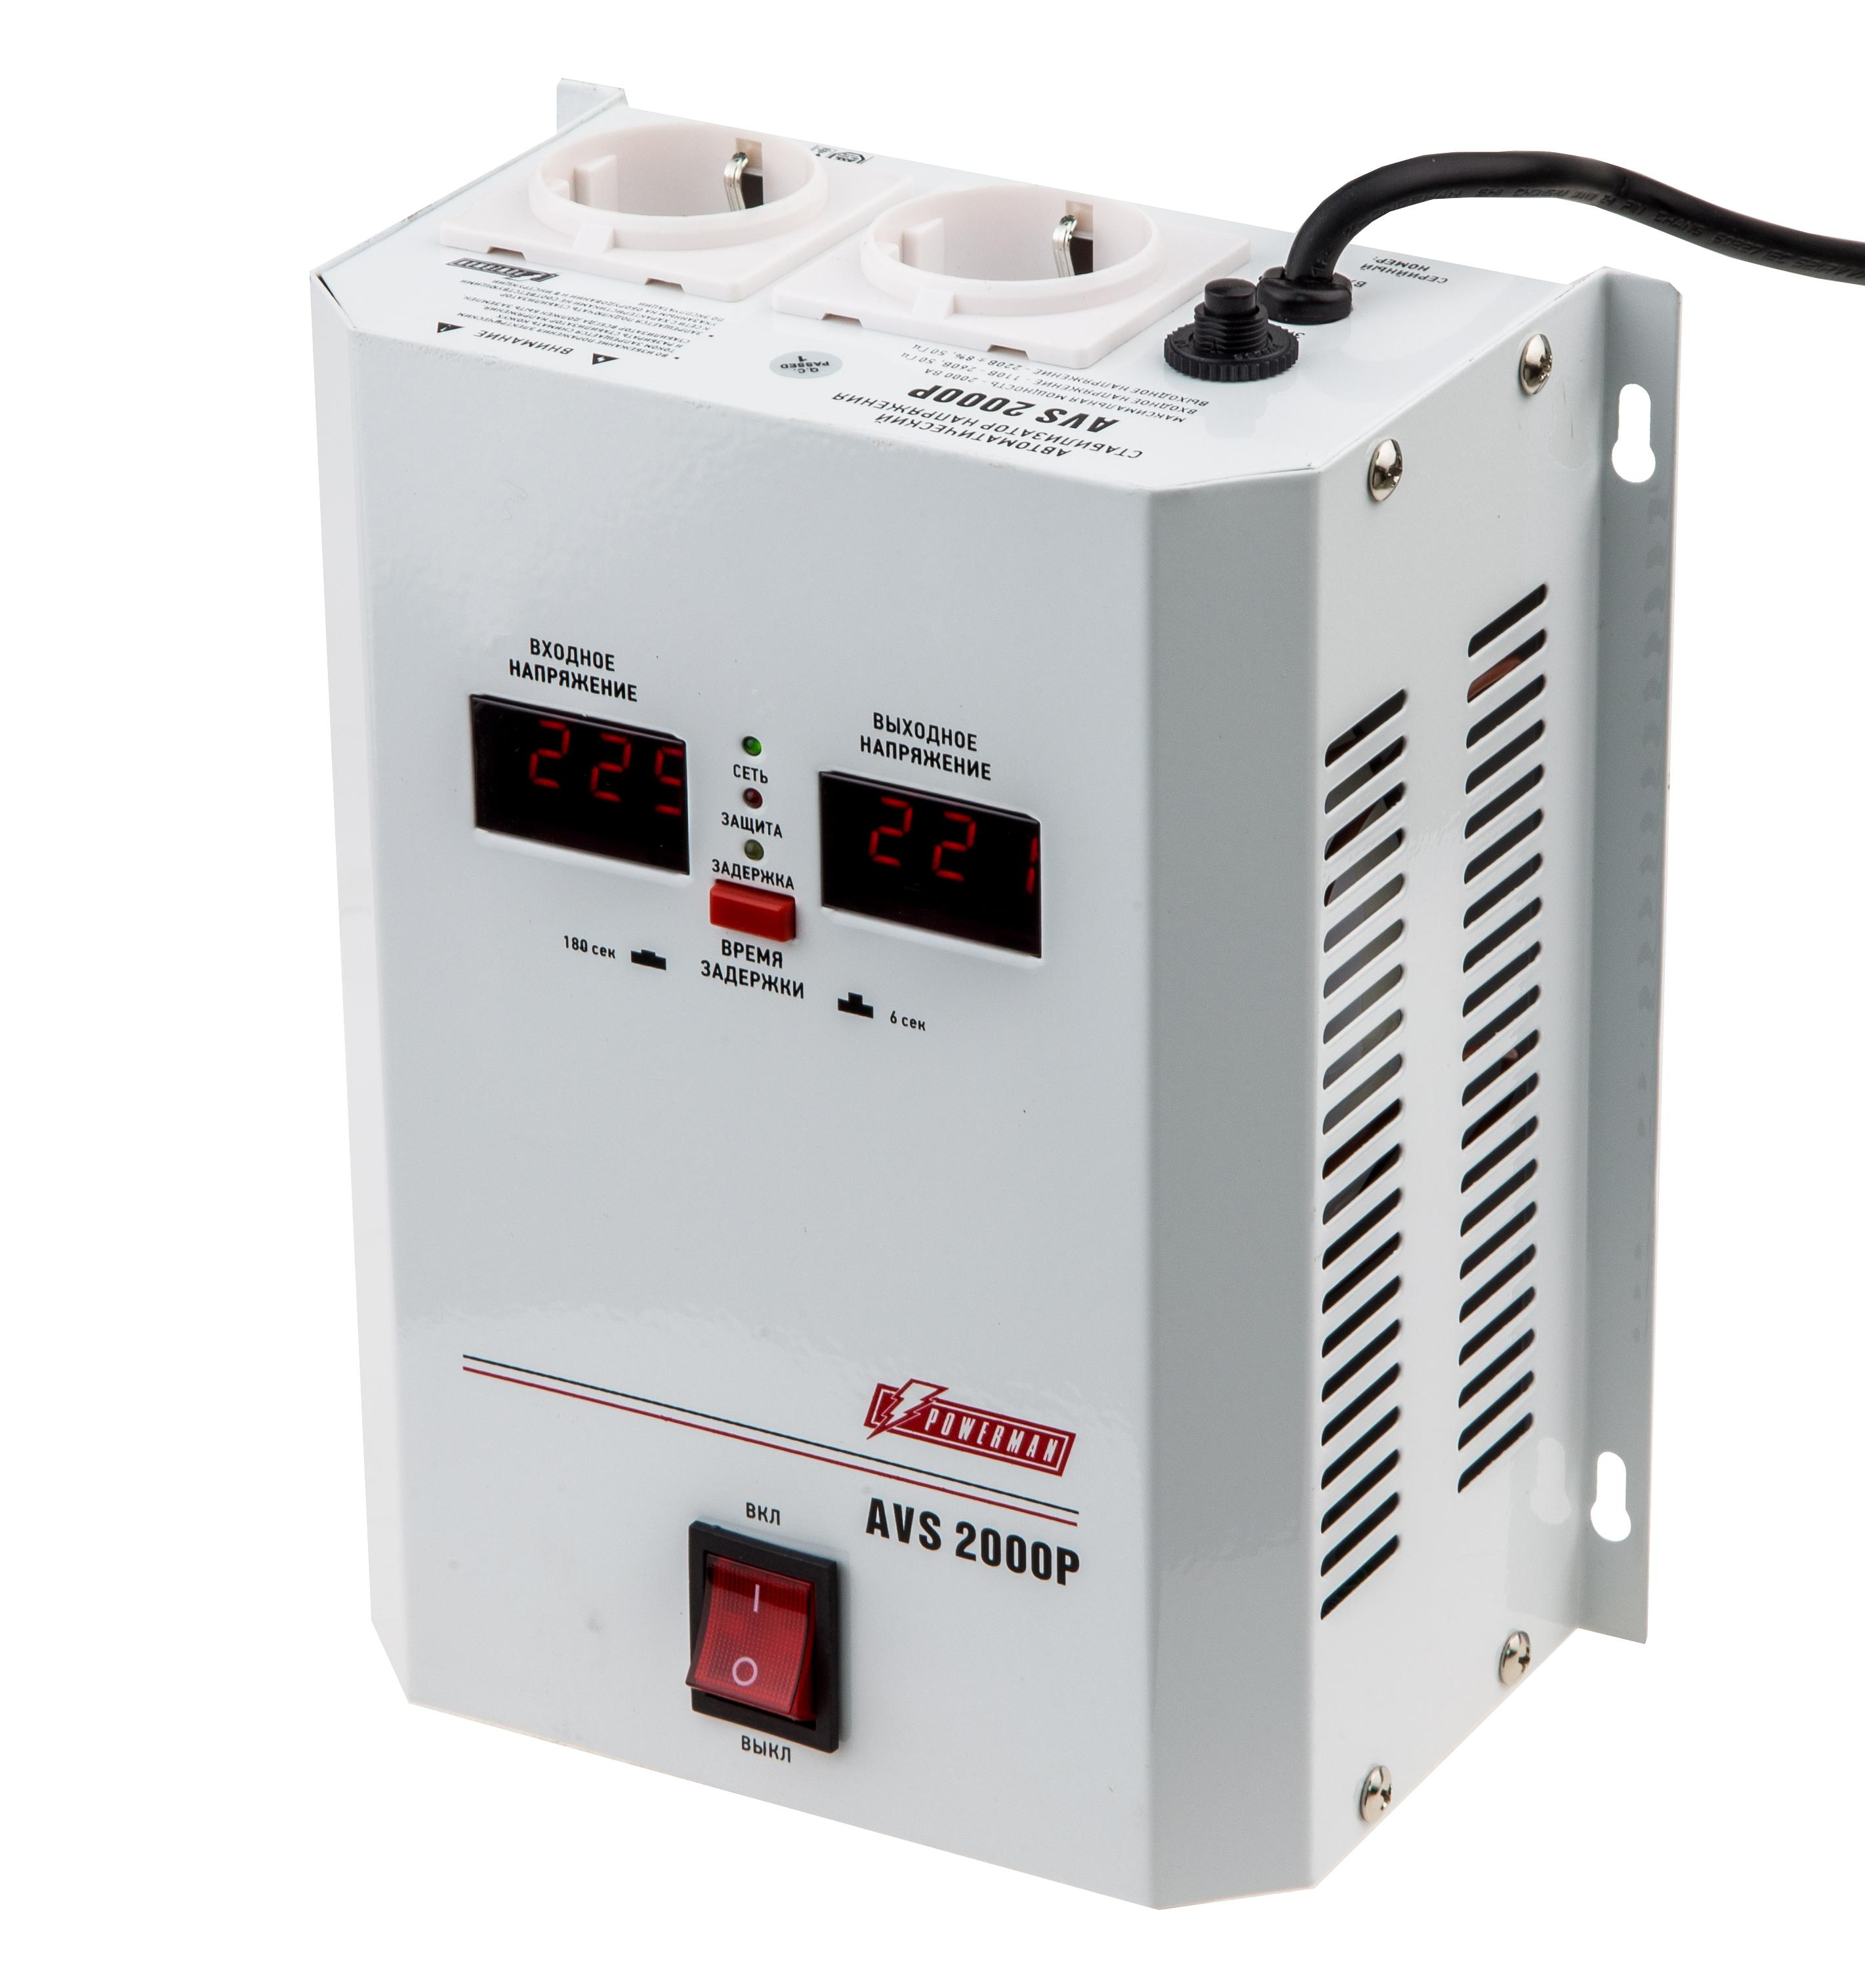 Купить Стабилизатор напряжения Powerman Avs 2000p